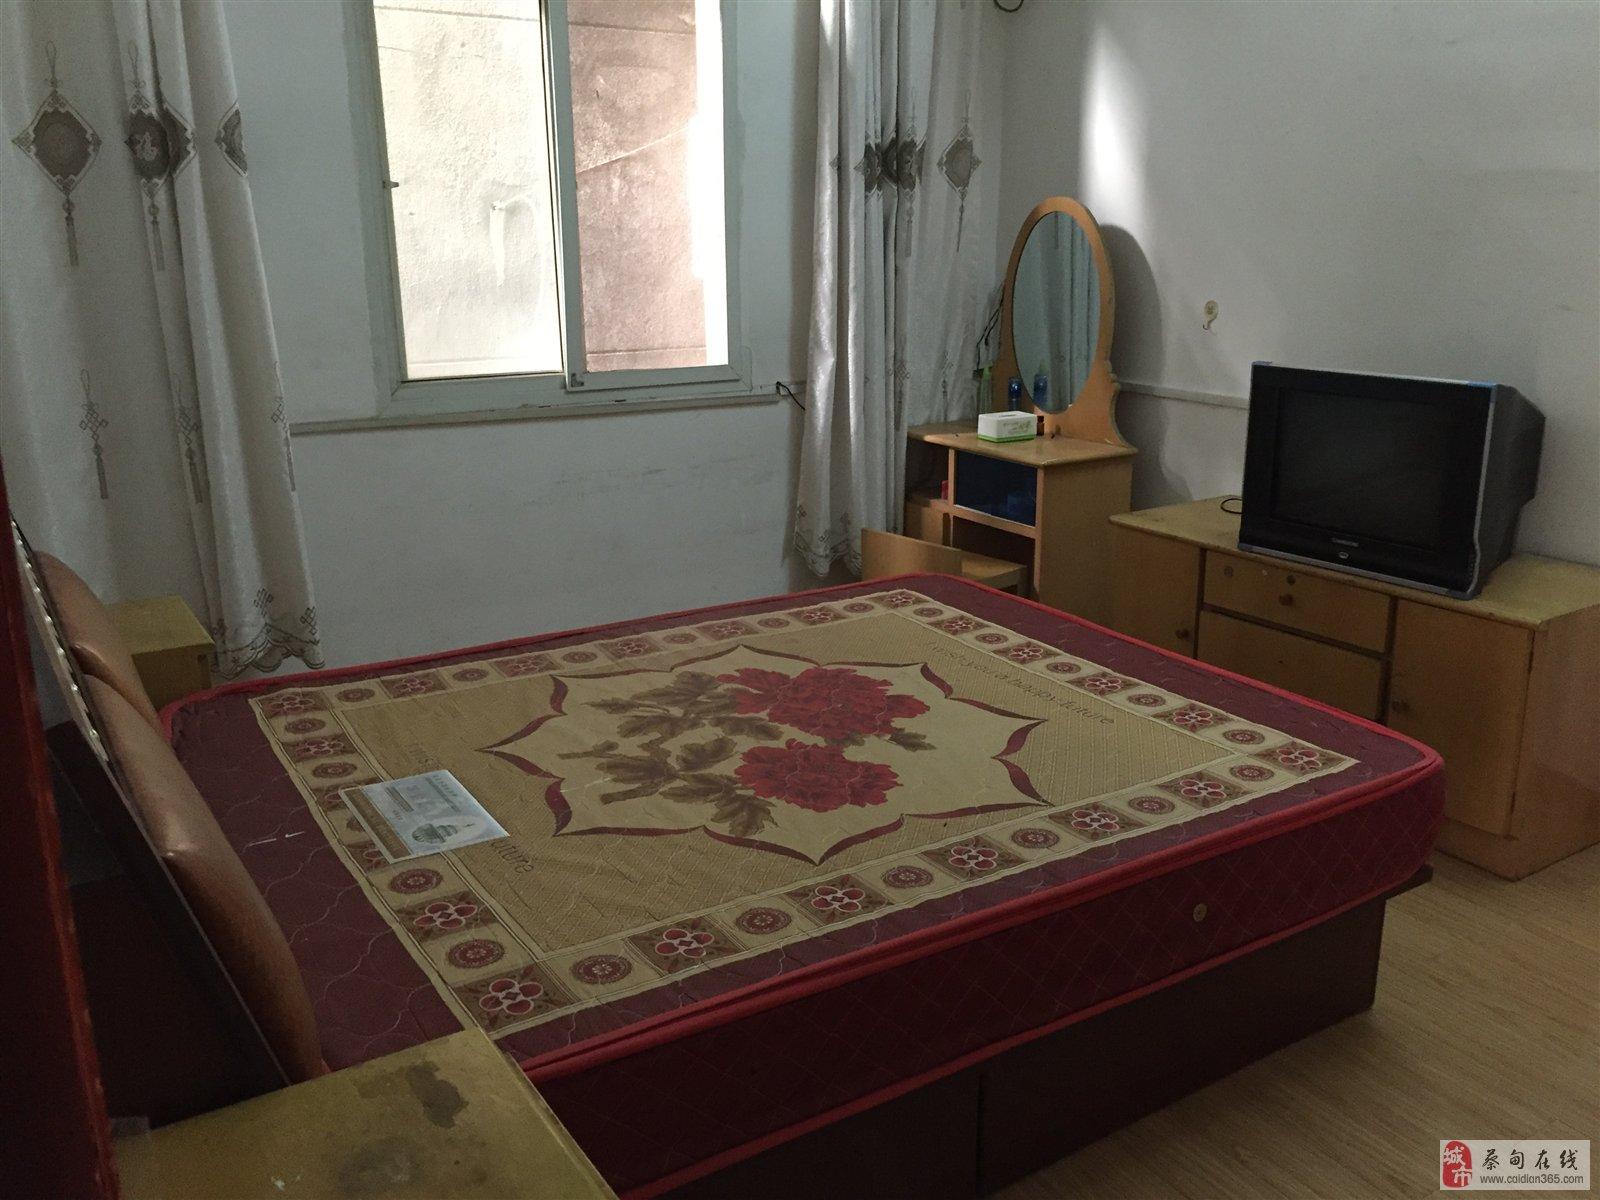 蔡甸在线首页 分类信息首页 房屋交易首页 >> 房屋出租信息  个人蔡甸